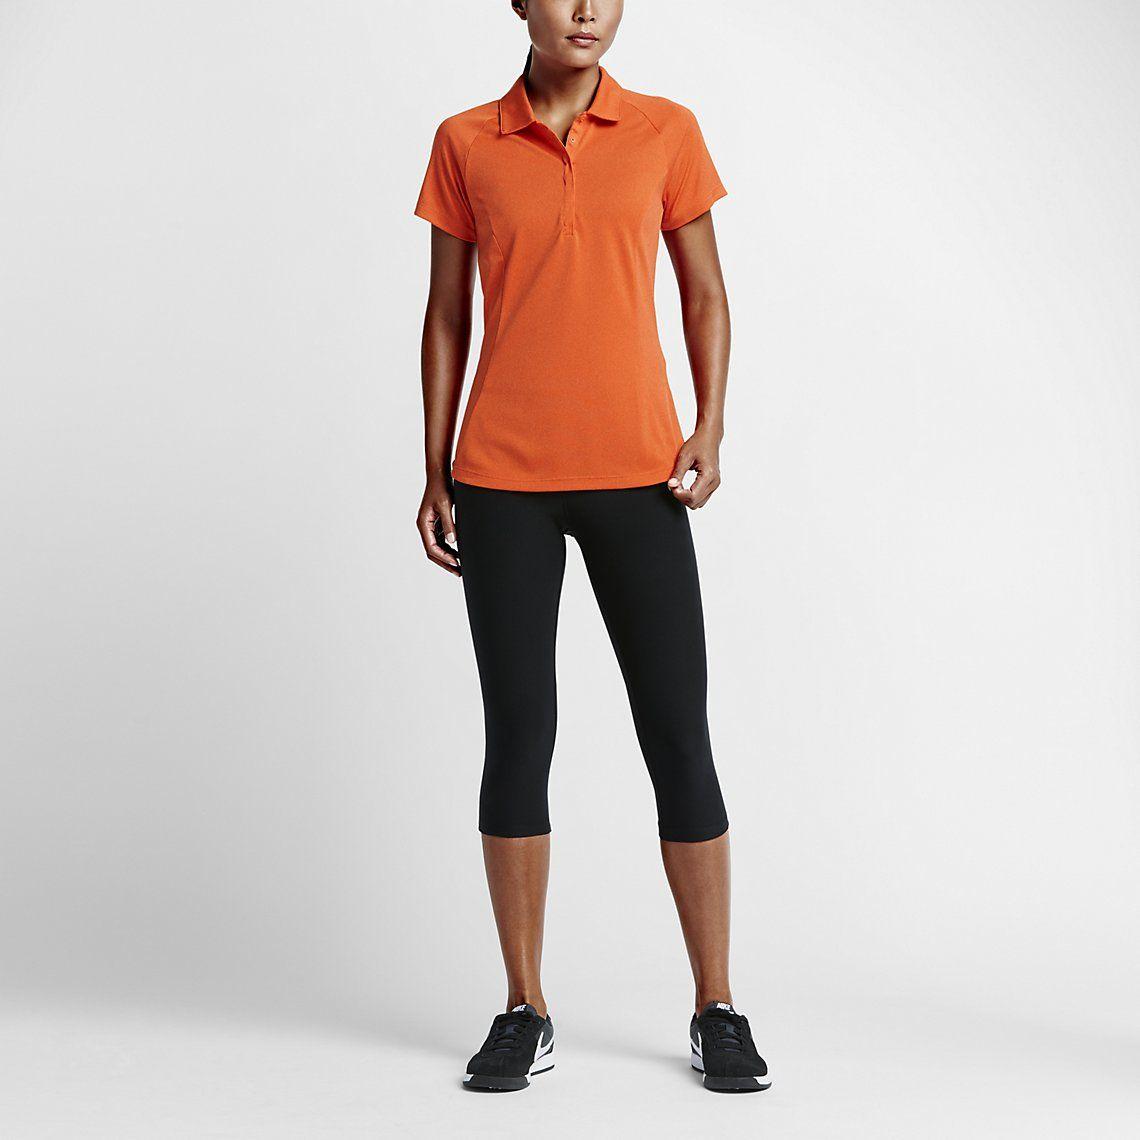 e2b6f64a Nike Lux Raglan 2.0 Women's Golf Polo. Nike Store UK | Gym kit ...